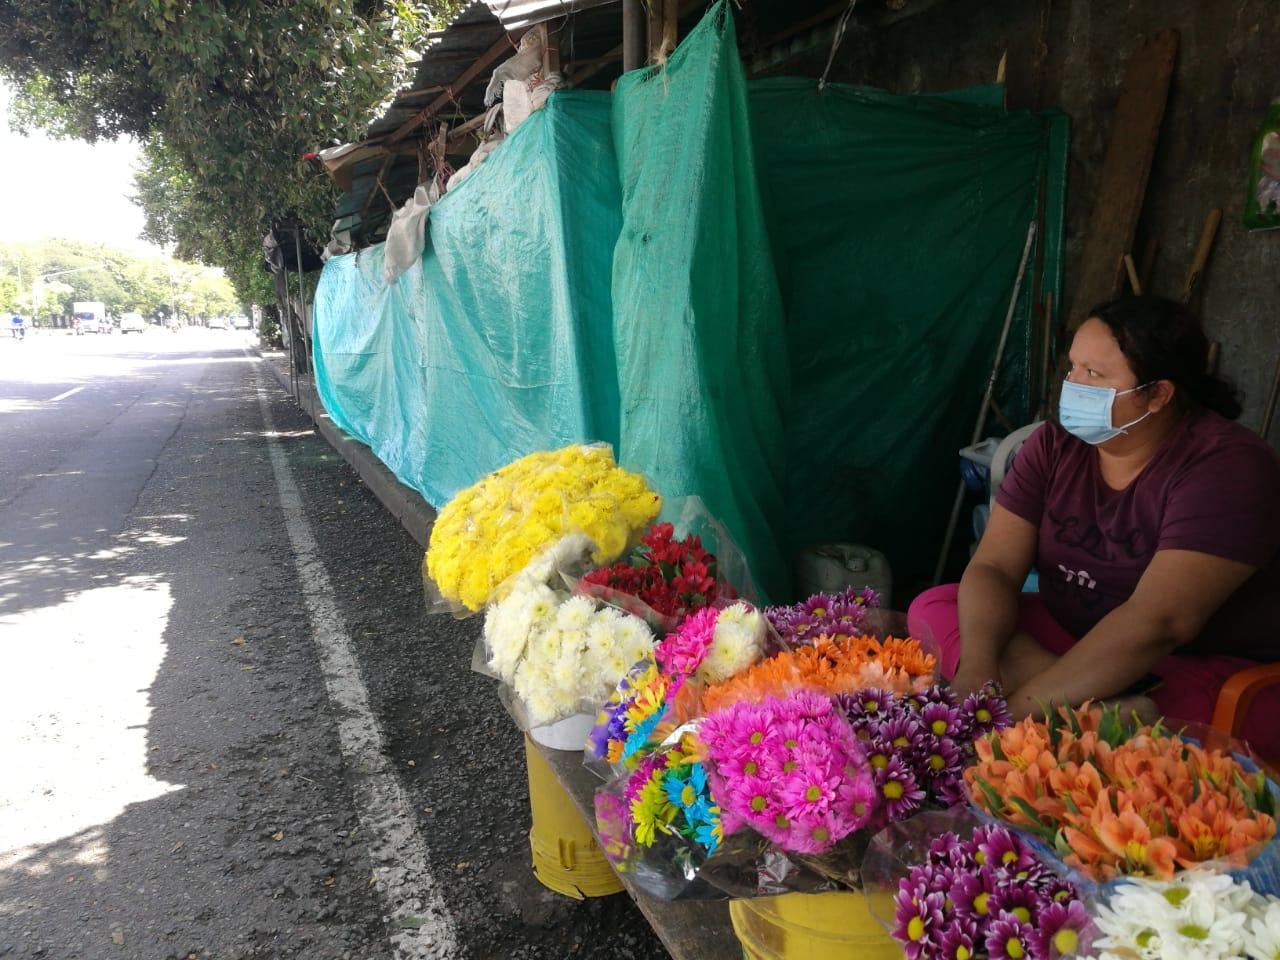 Con tres horas de trabajo a la semana, las floristas tienen que sobrevivir los siete días.